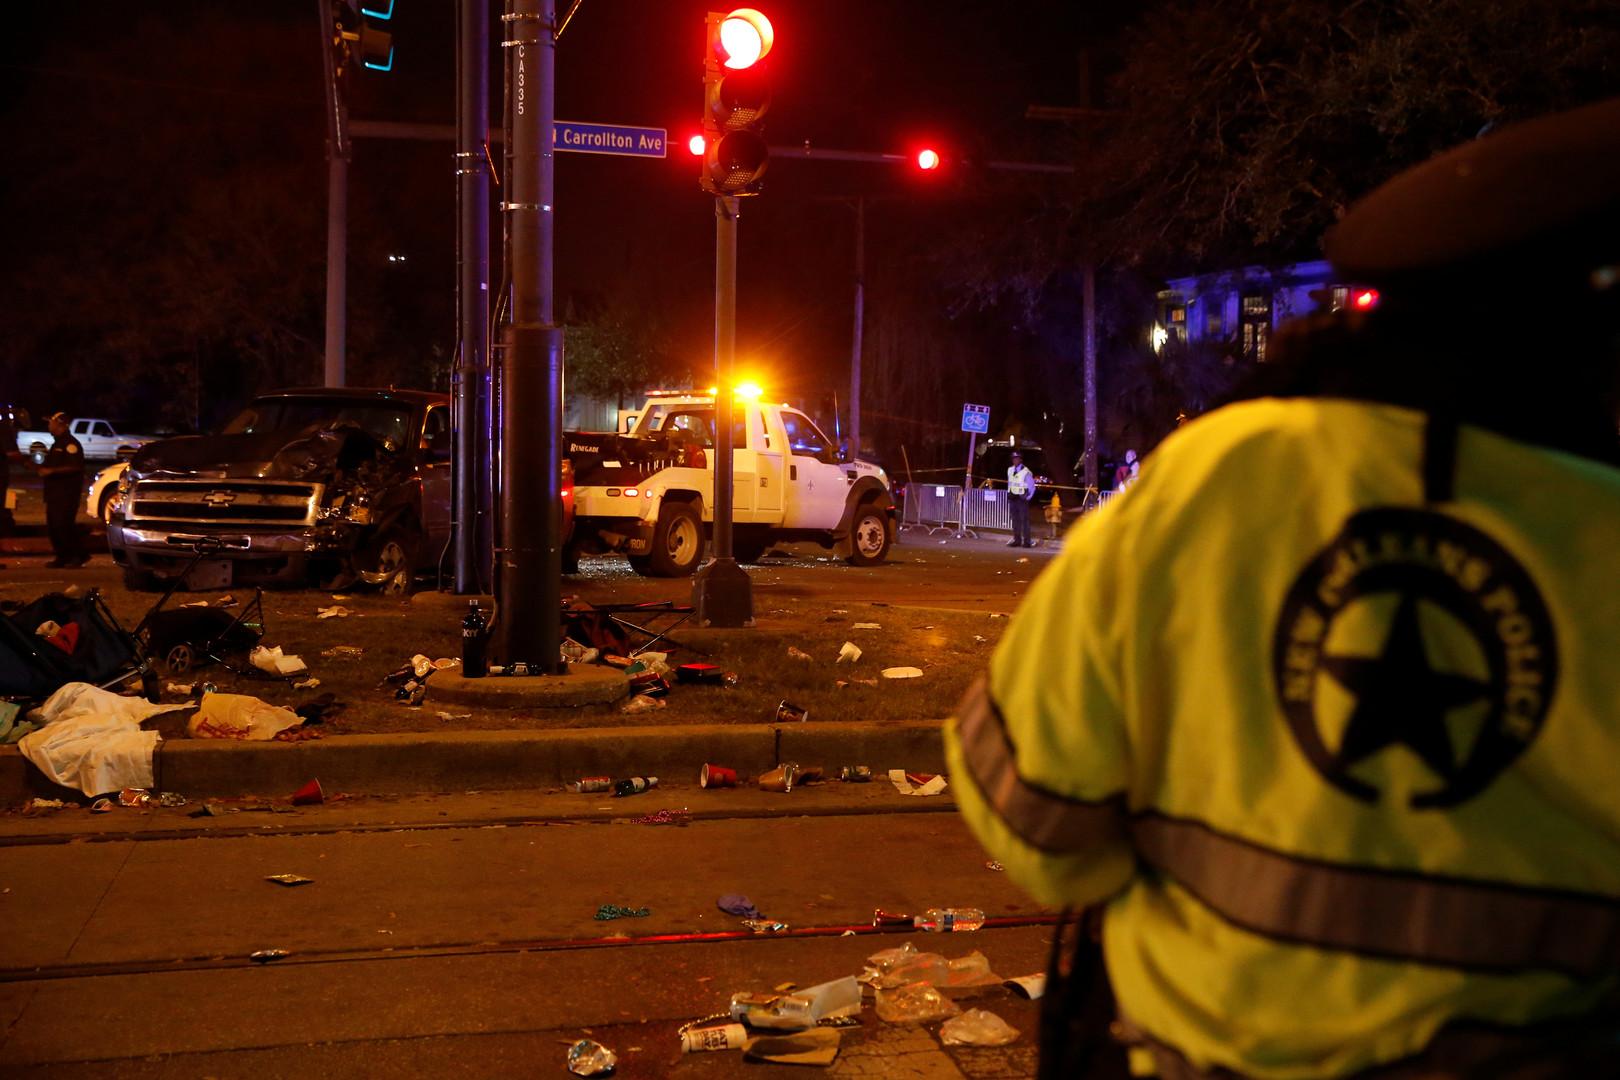 Un camion fonce dans la foule au carnaval à La Nouvelle-Orléans, de nombreux blessés (IMAGES CHOC)